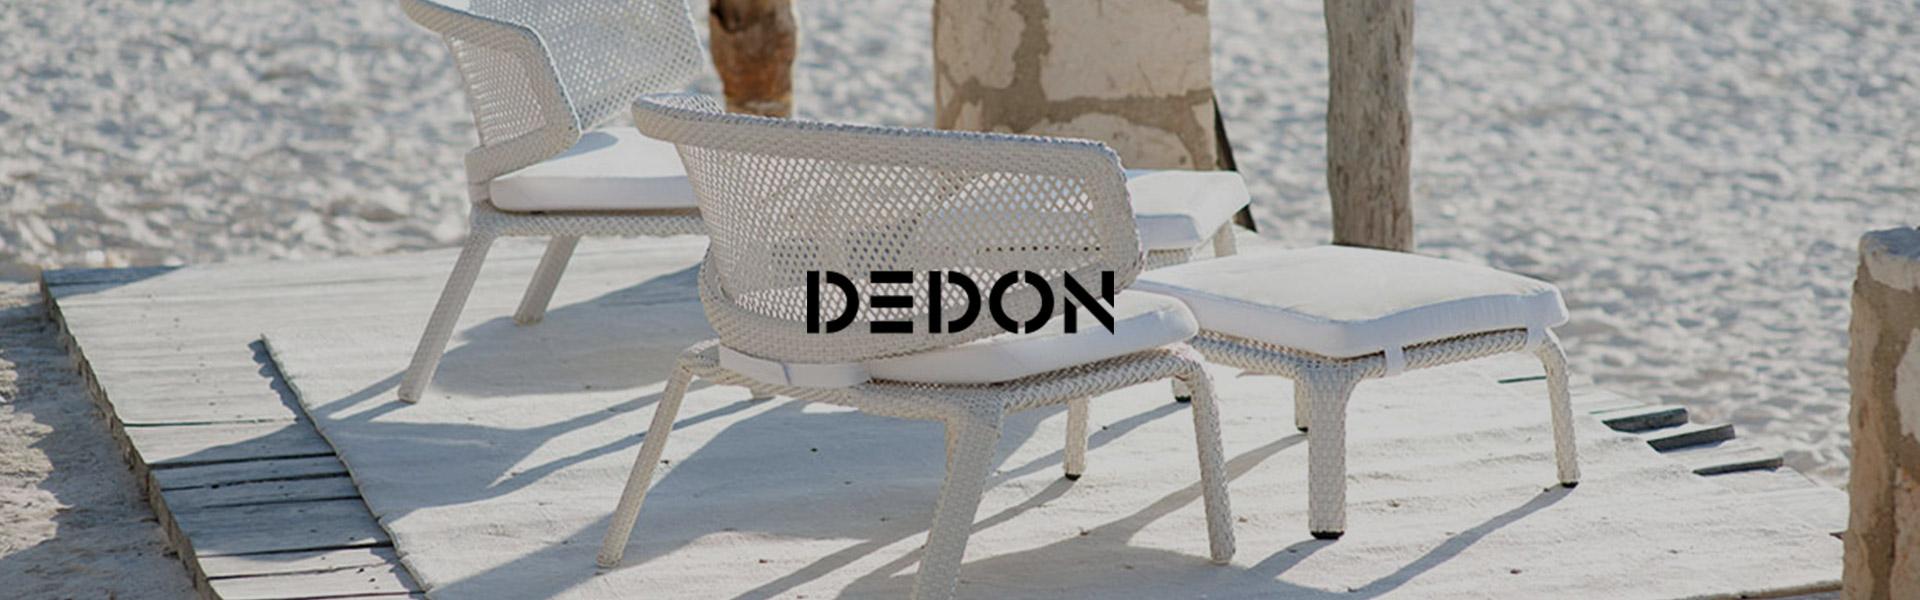 dedon_0